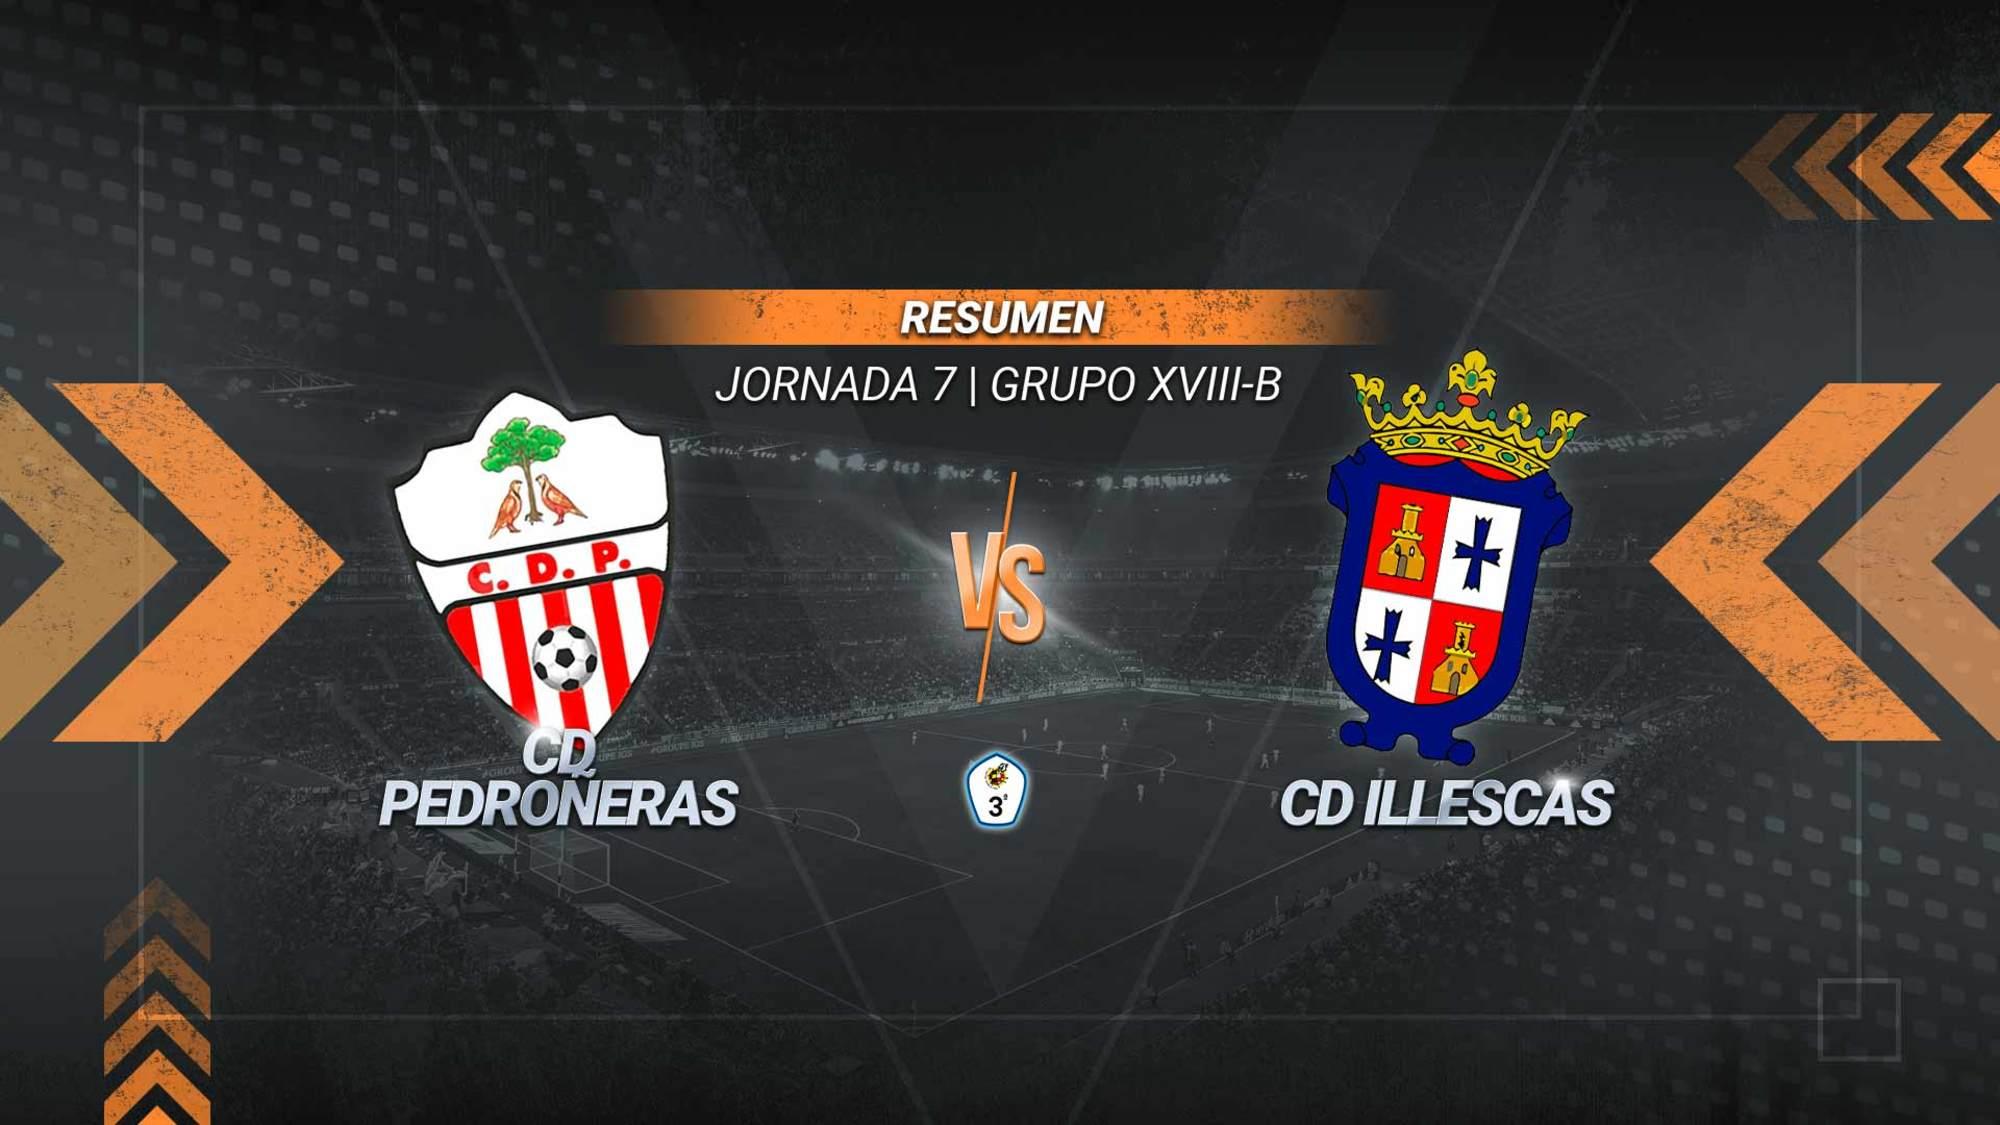 Un gol de Kike Espinosa de penalti proporciona al Pedroñeras la primera victoria de la temporada. El equipo ajero alcanza los cuatro puntos, mientras que el Illescas se mantiene con nueve.